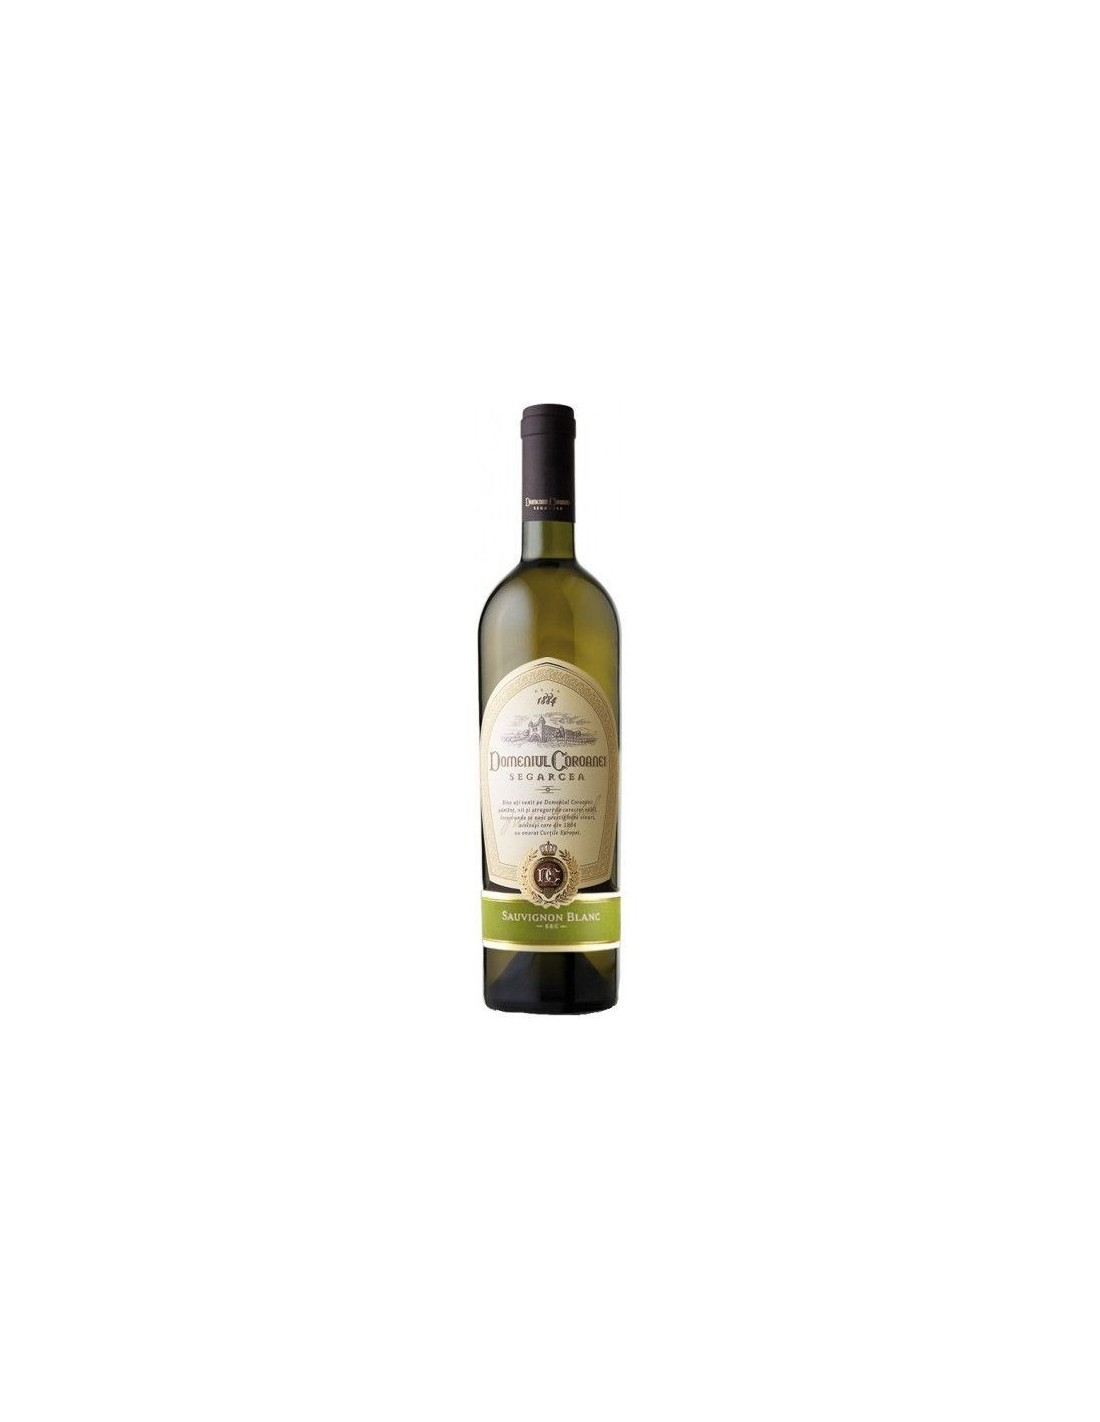 Vin alb sec, Sauvignon Blanc, Domeniul Coroanei Segarcea, 0.75L, 12% alc., Romania